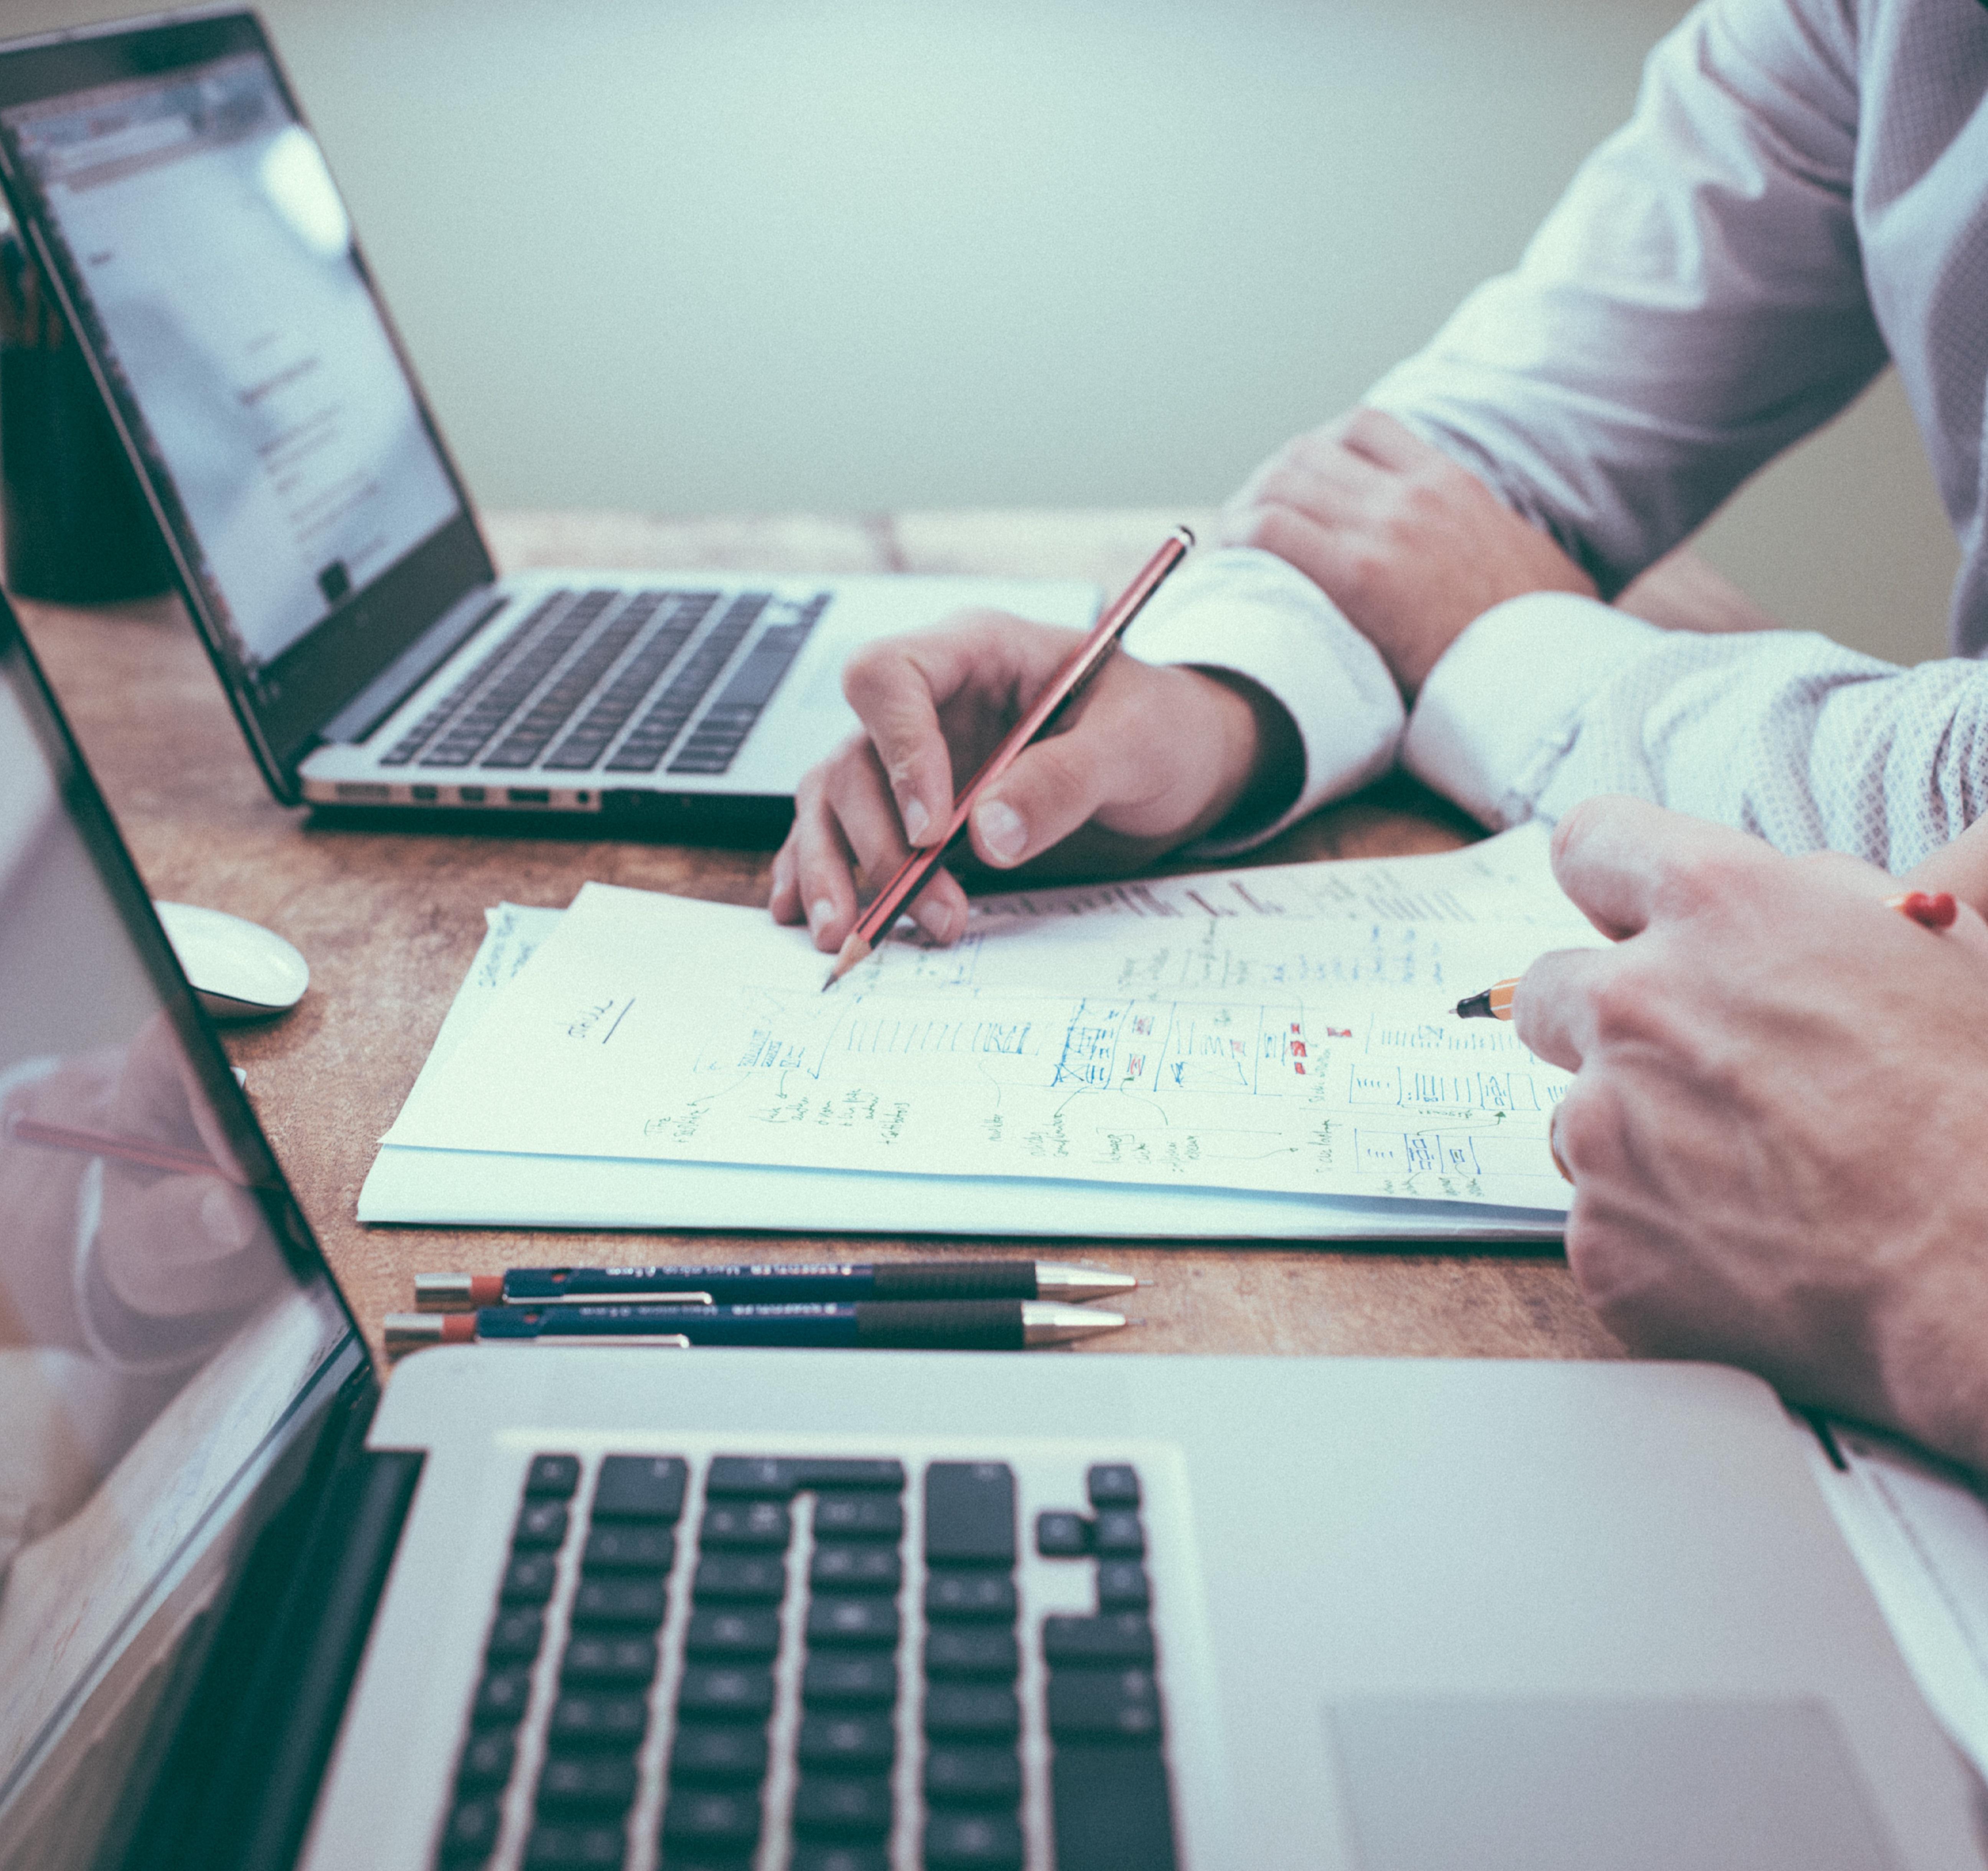 תכנית Follow Up - לתמיכה ומעקב ליישום יעדים עסקיים